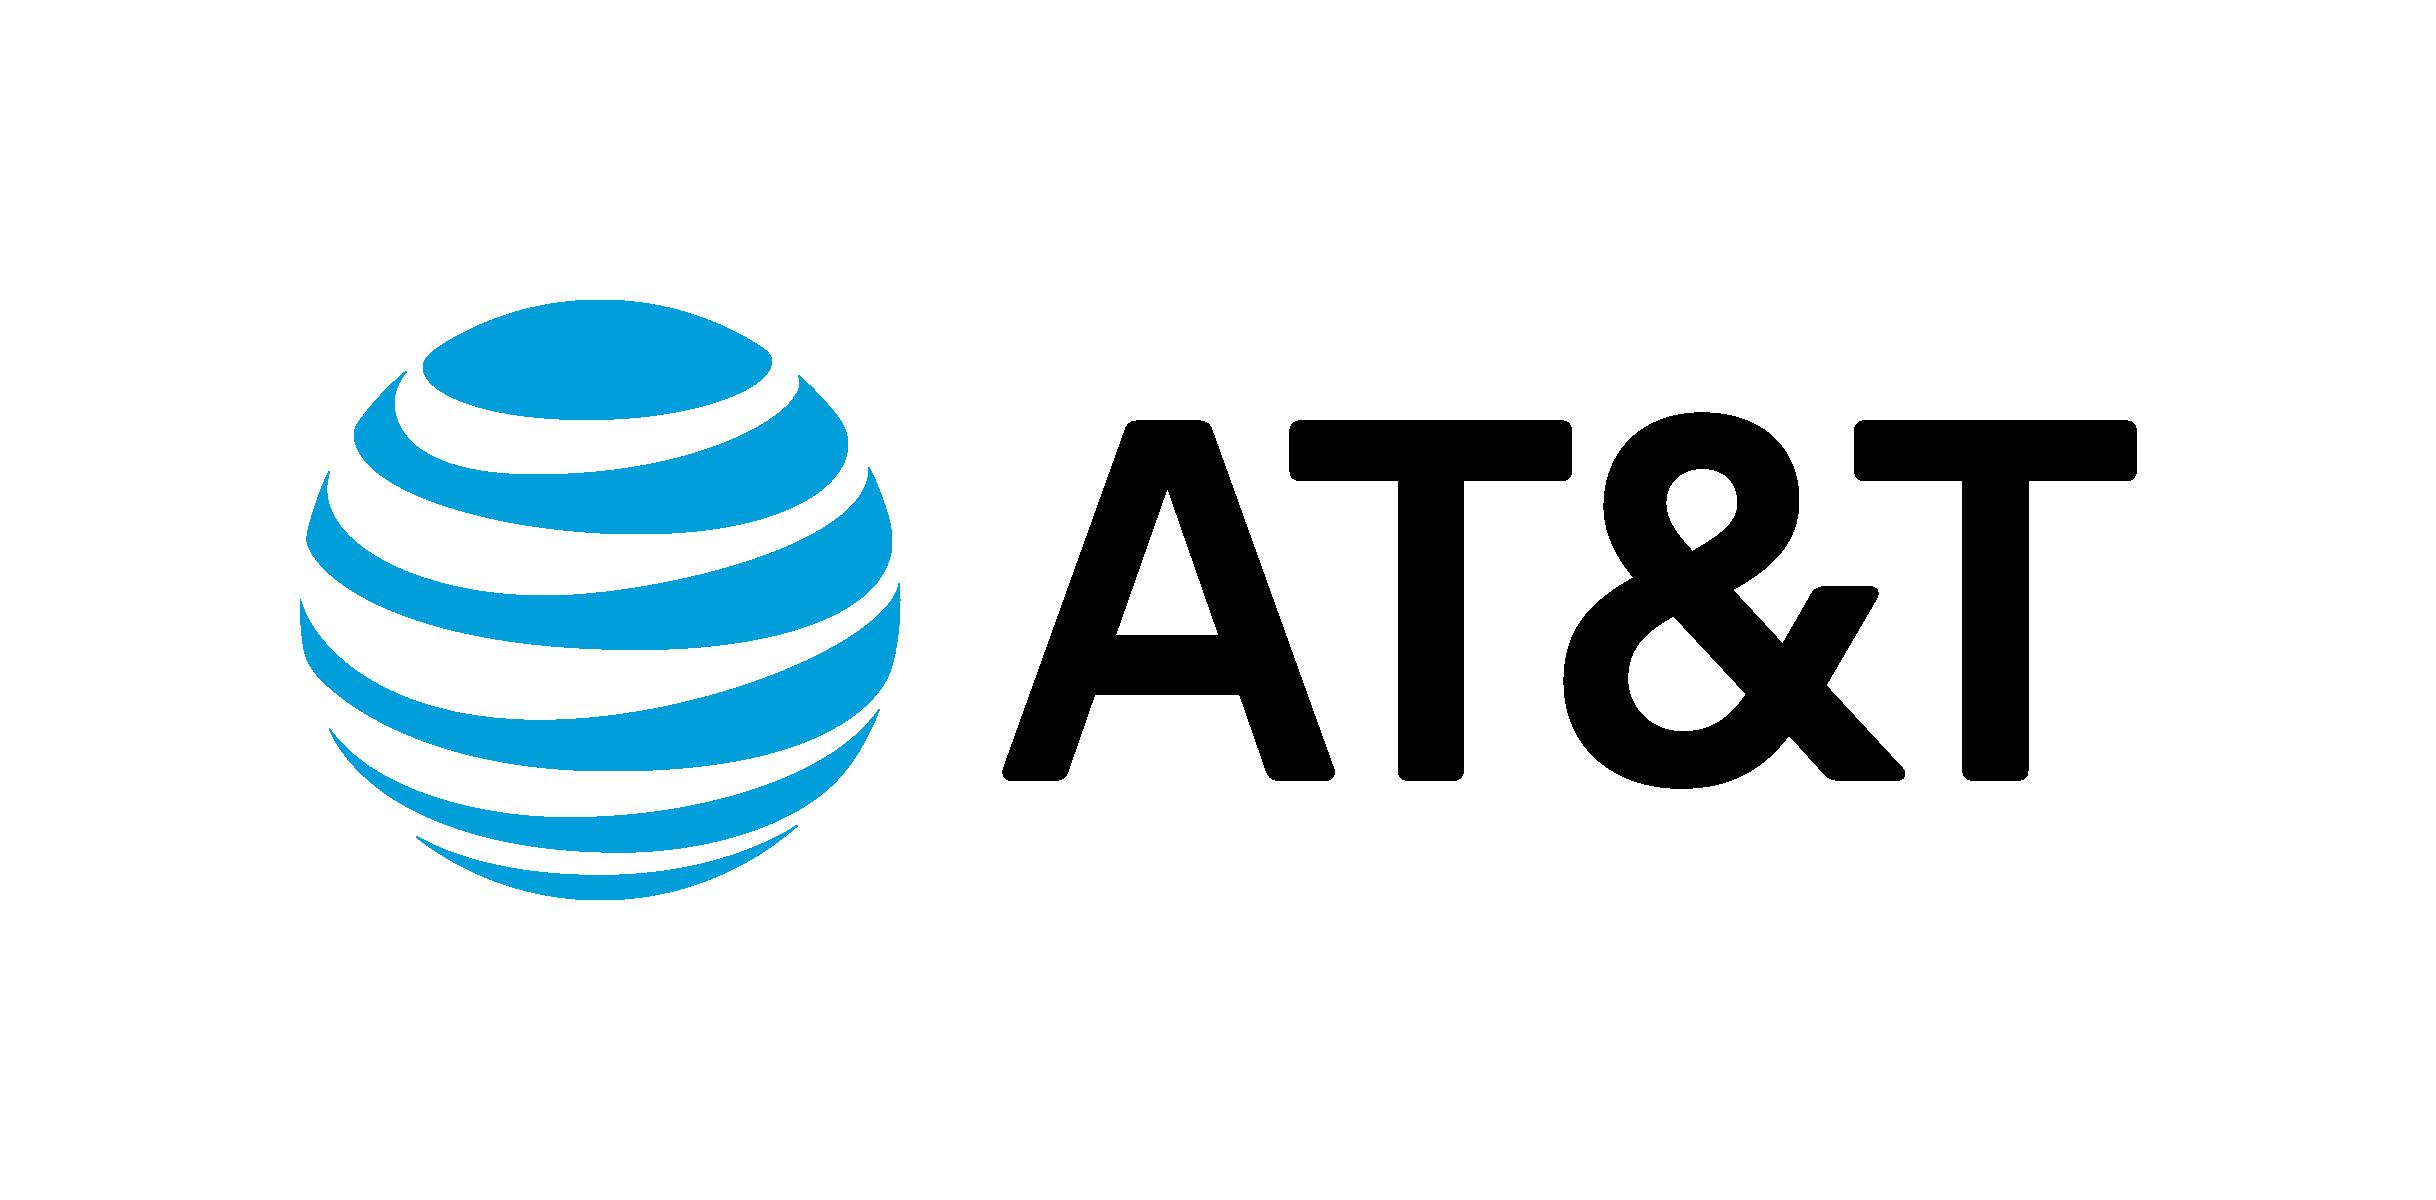 Cobertura AT&T: Mapa de coberturas 3G y 4G LTE